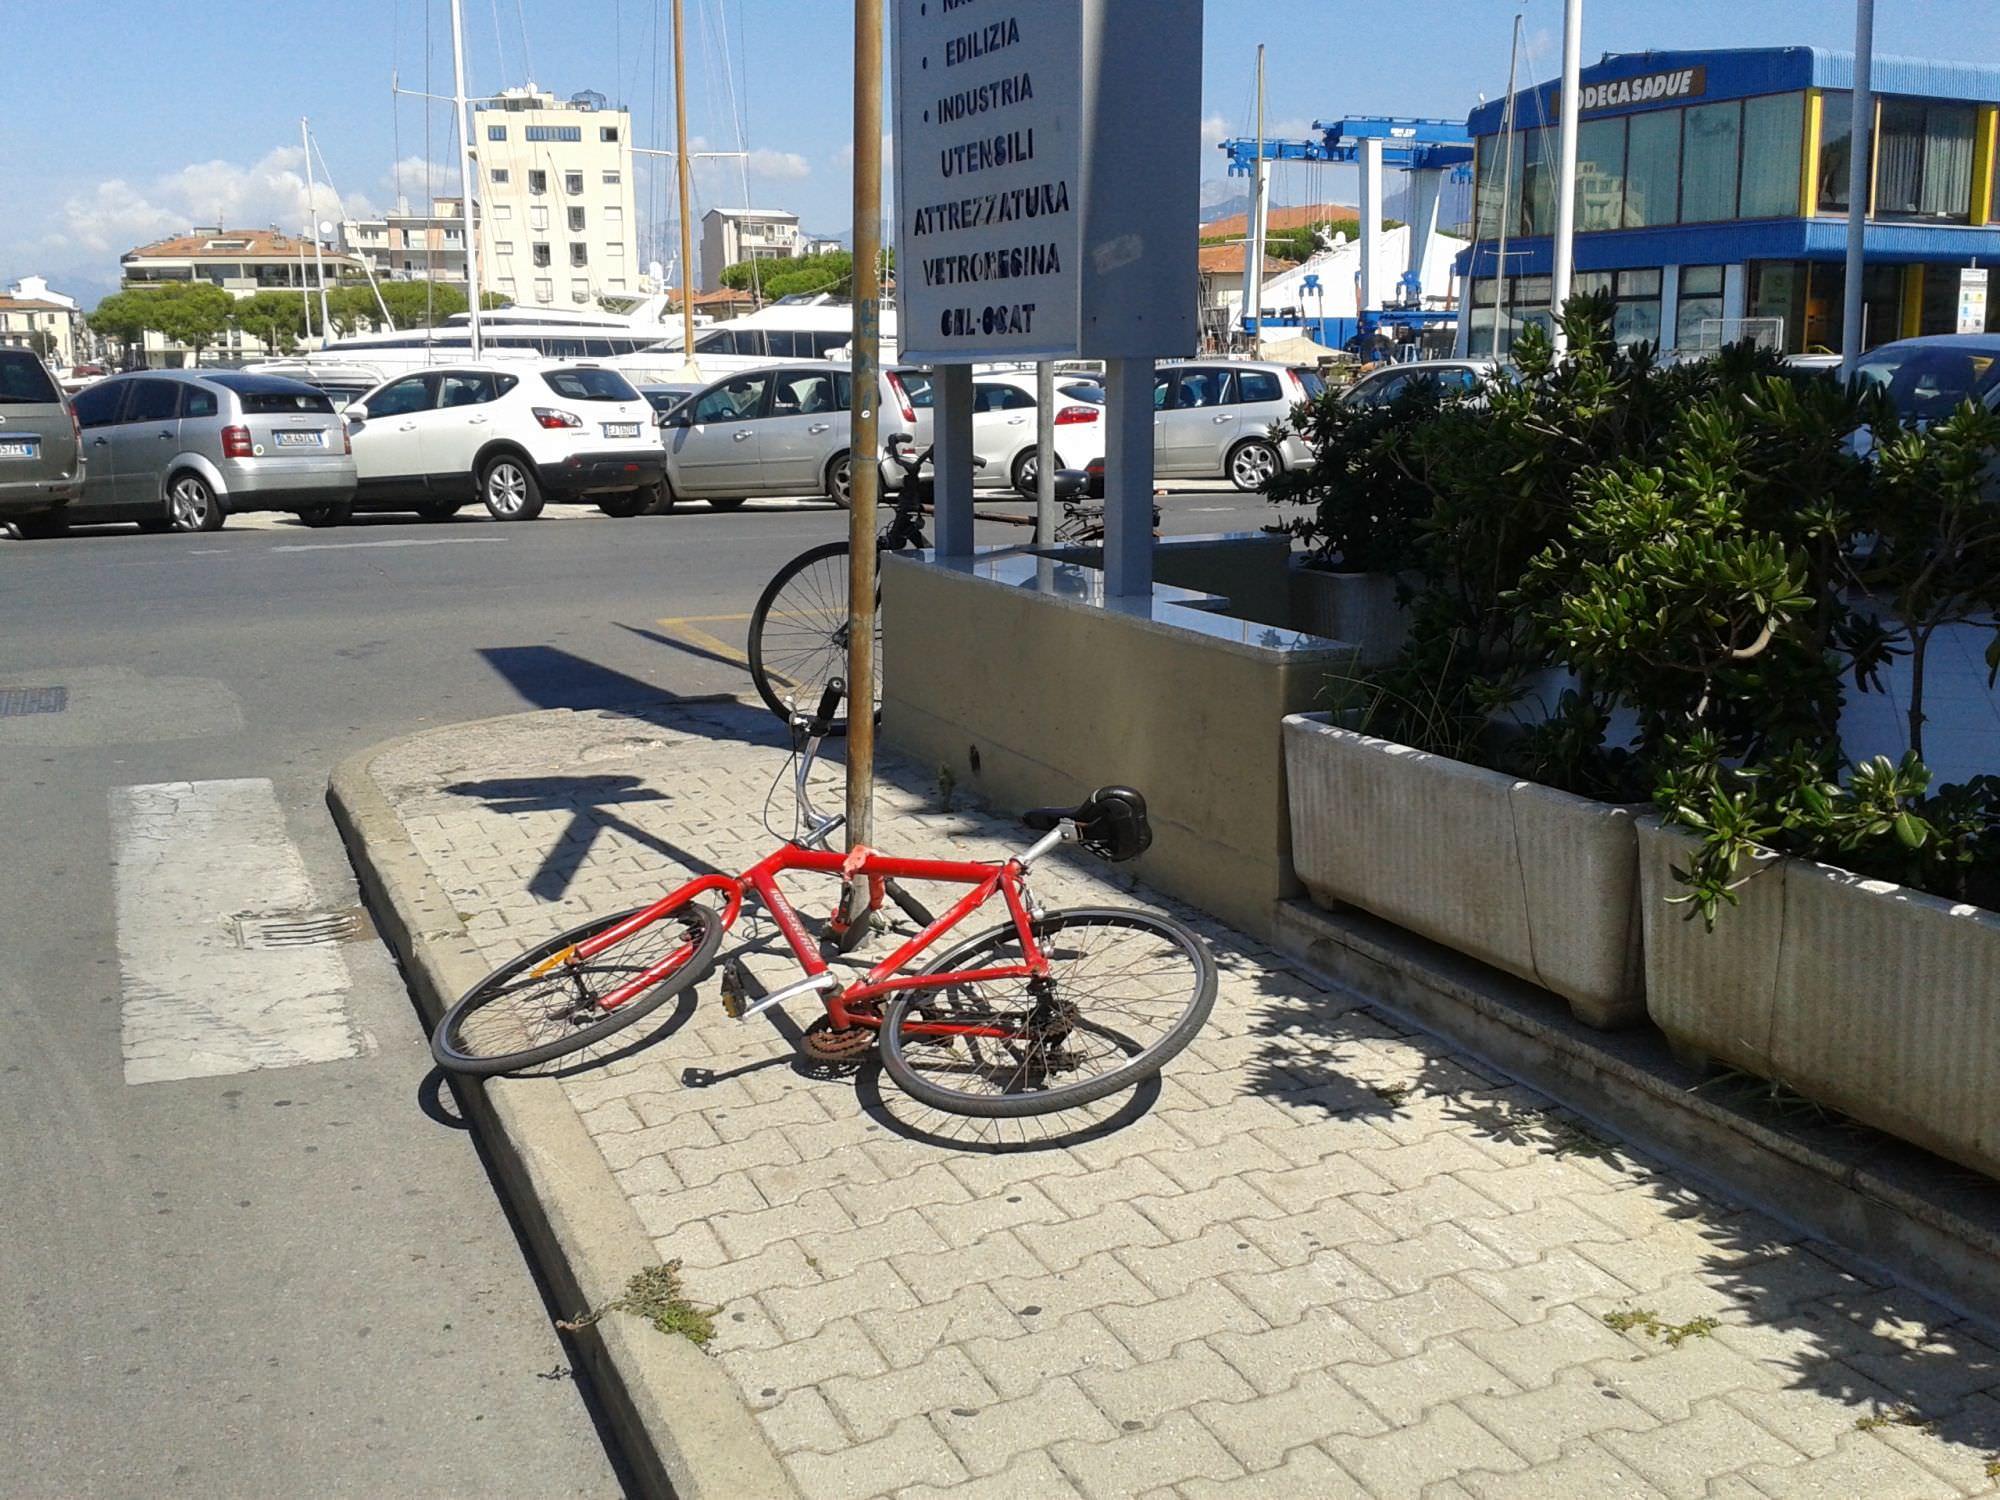 Biciclette legate ai pali della segnaletica stradale. Disagi a Viareggio